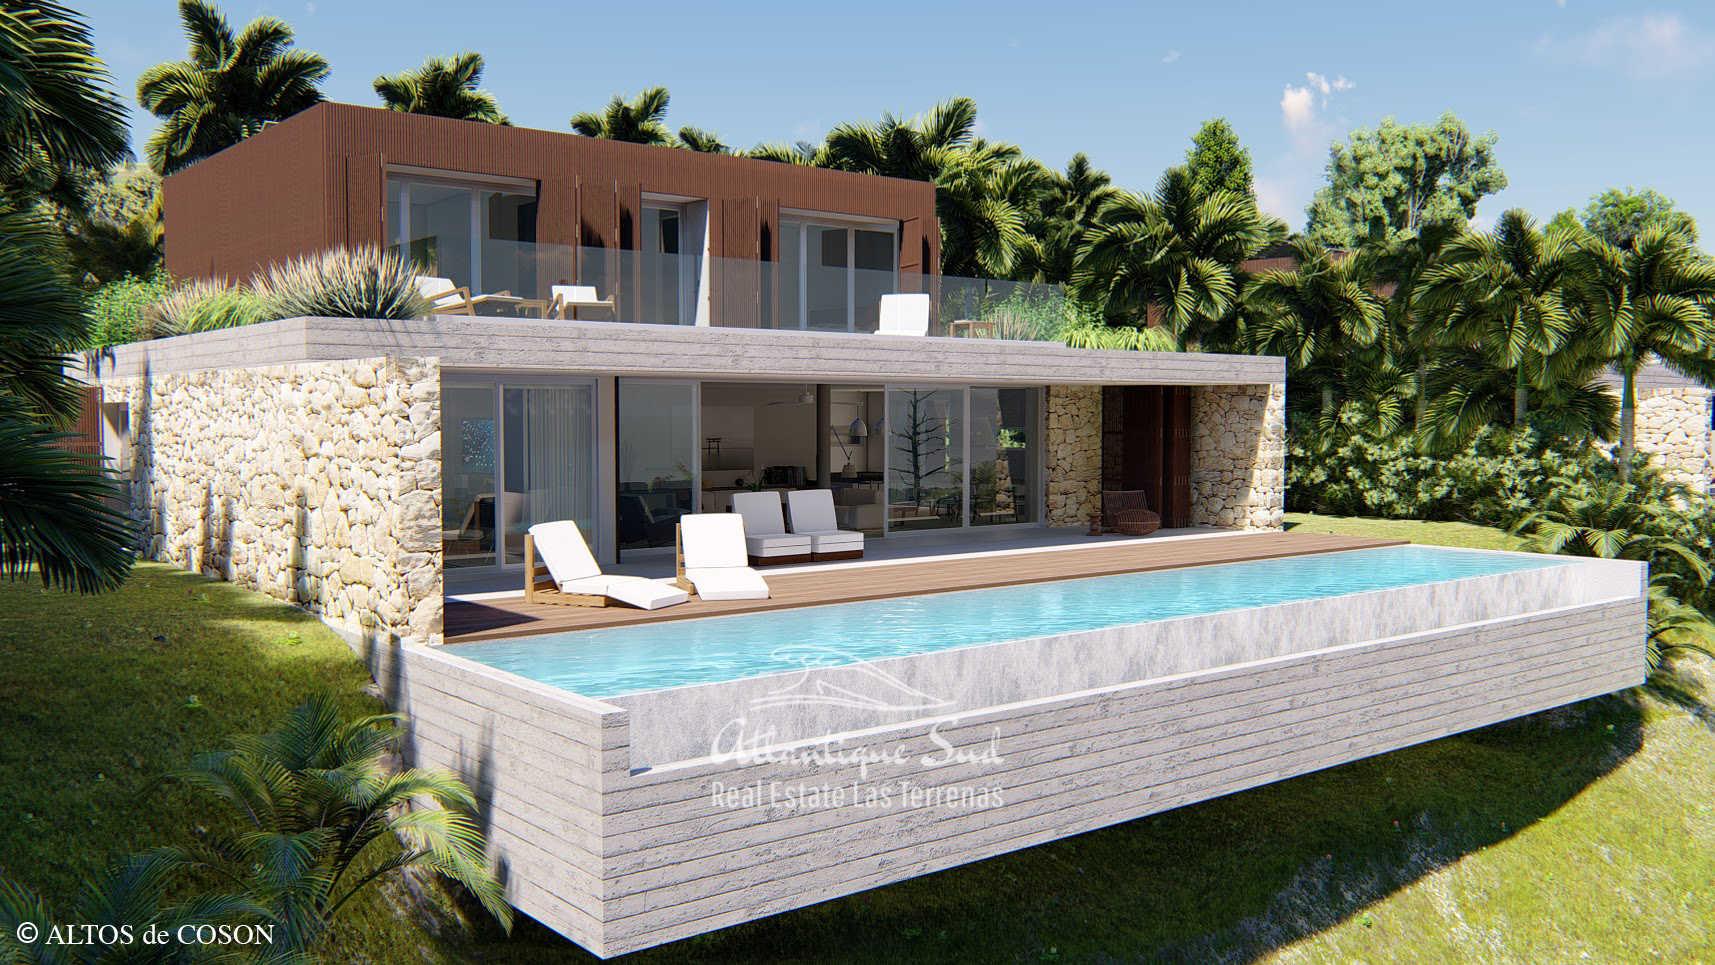 Lots with villas to build in Coson las terrenas4.jpg